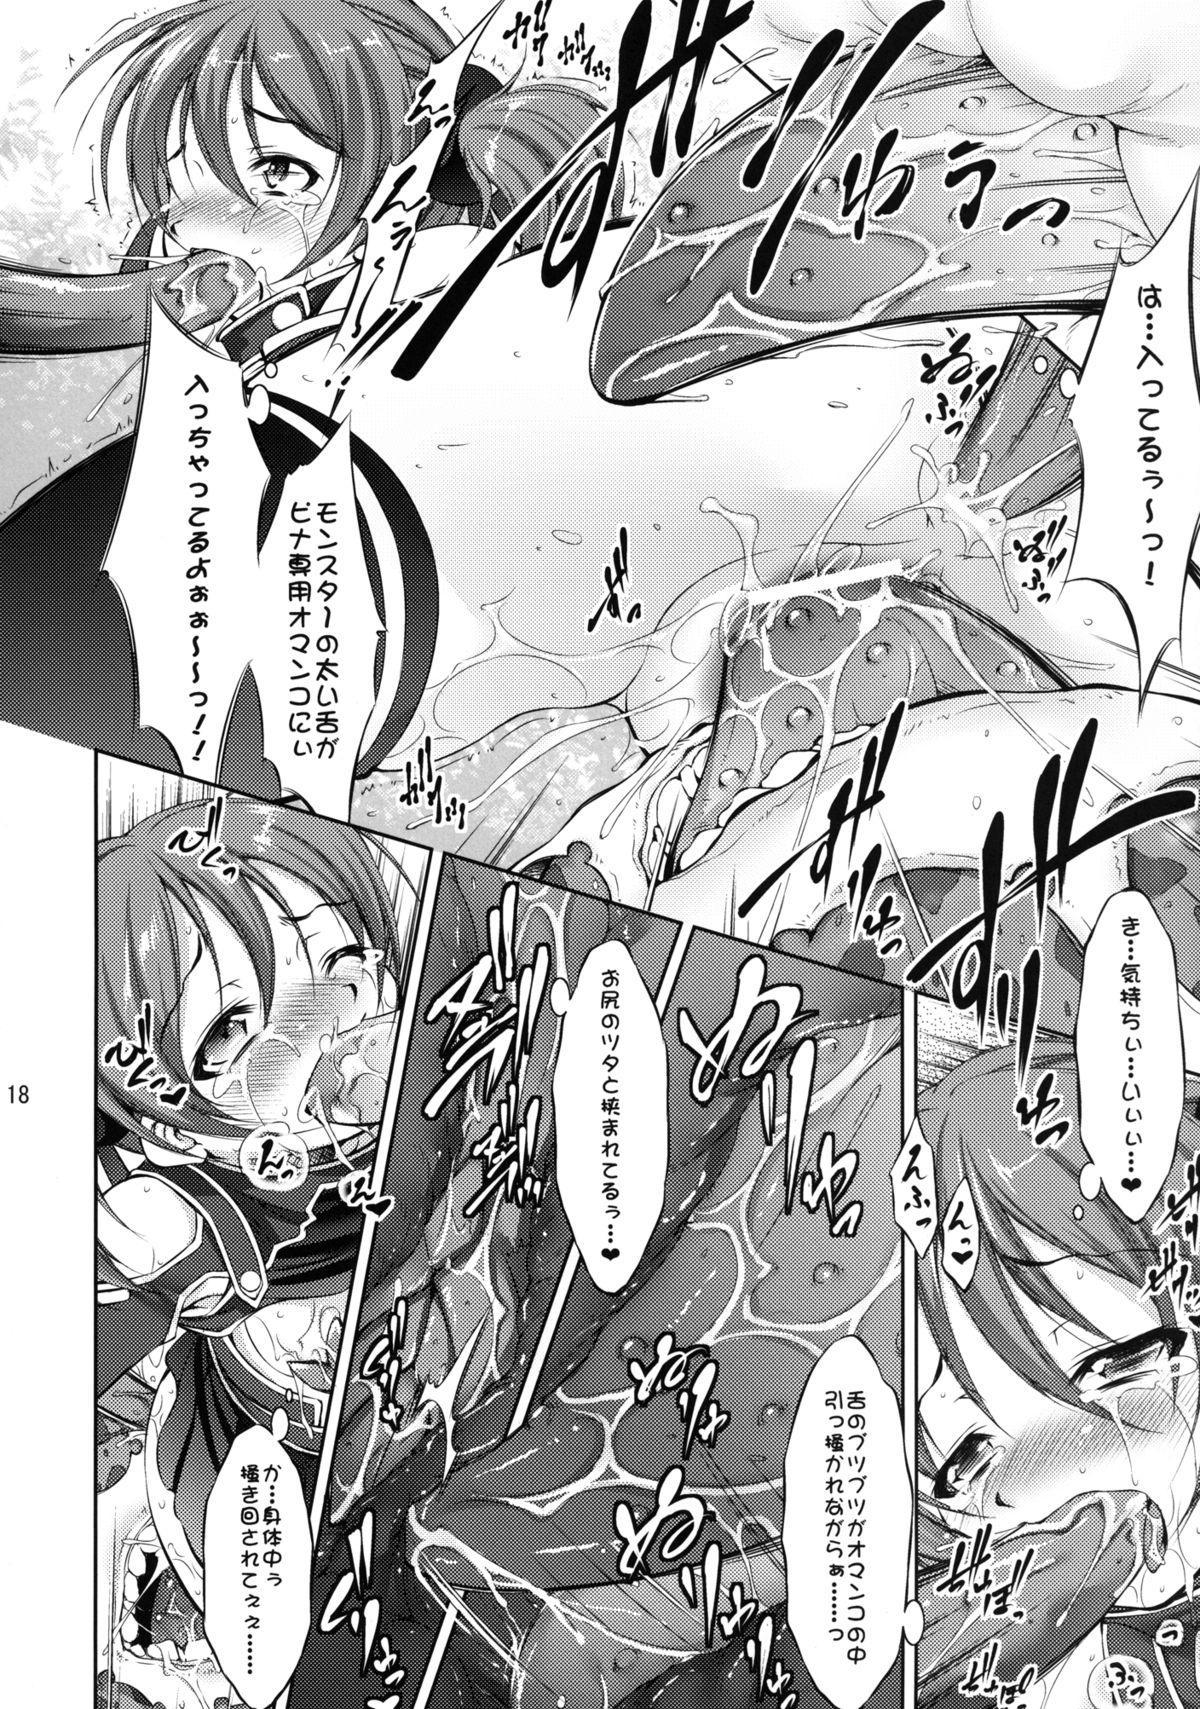 Silica no Asoko wo Okashimakuri! 17